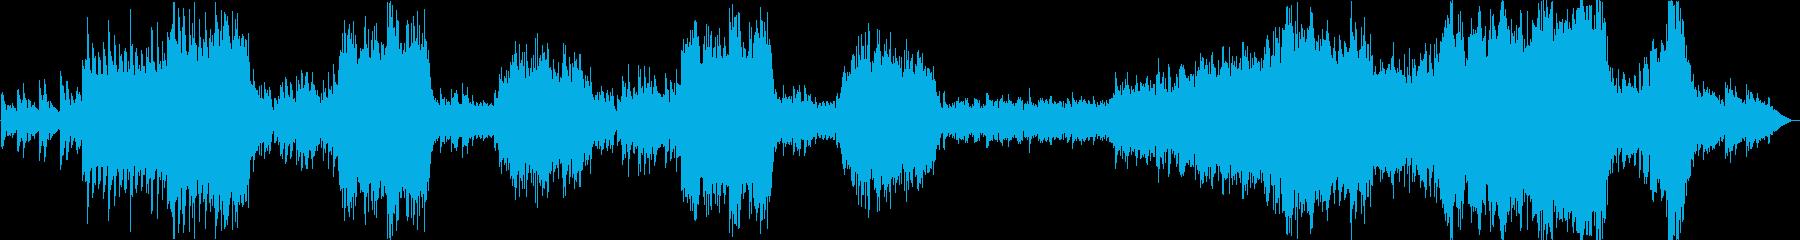 壮大なピアノ協奏曲風オーケストラの再生済みの波形